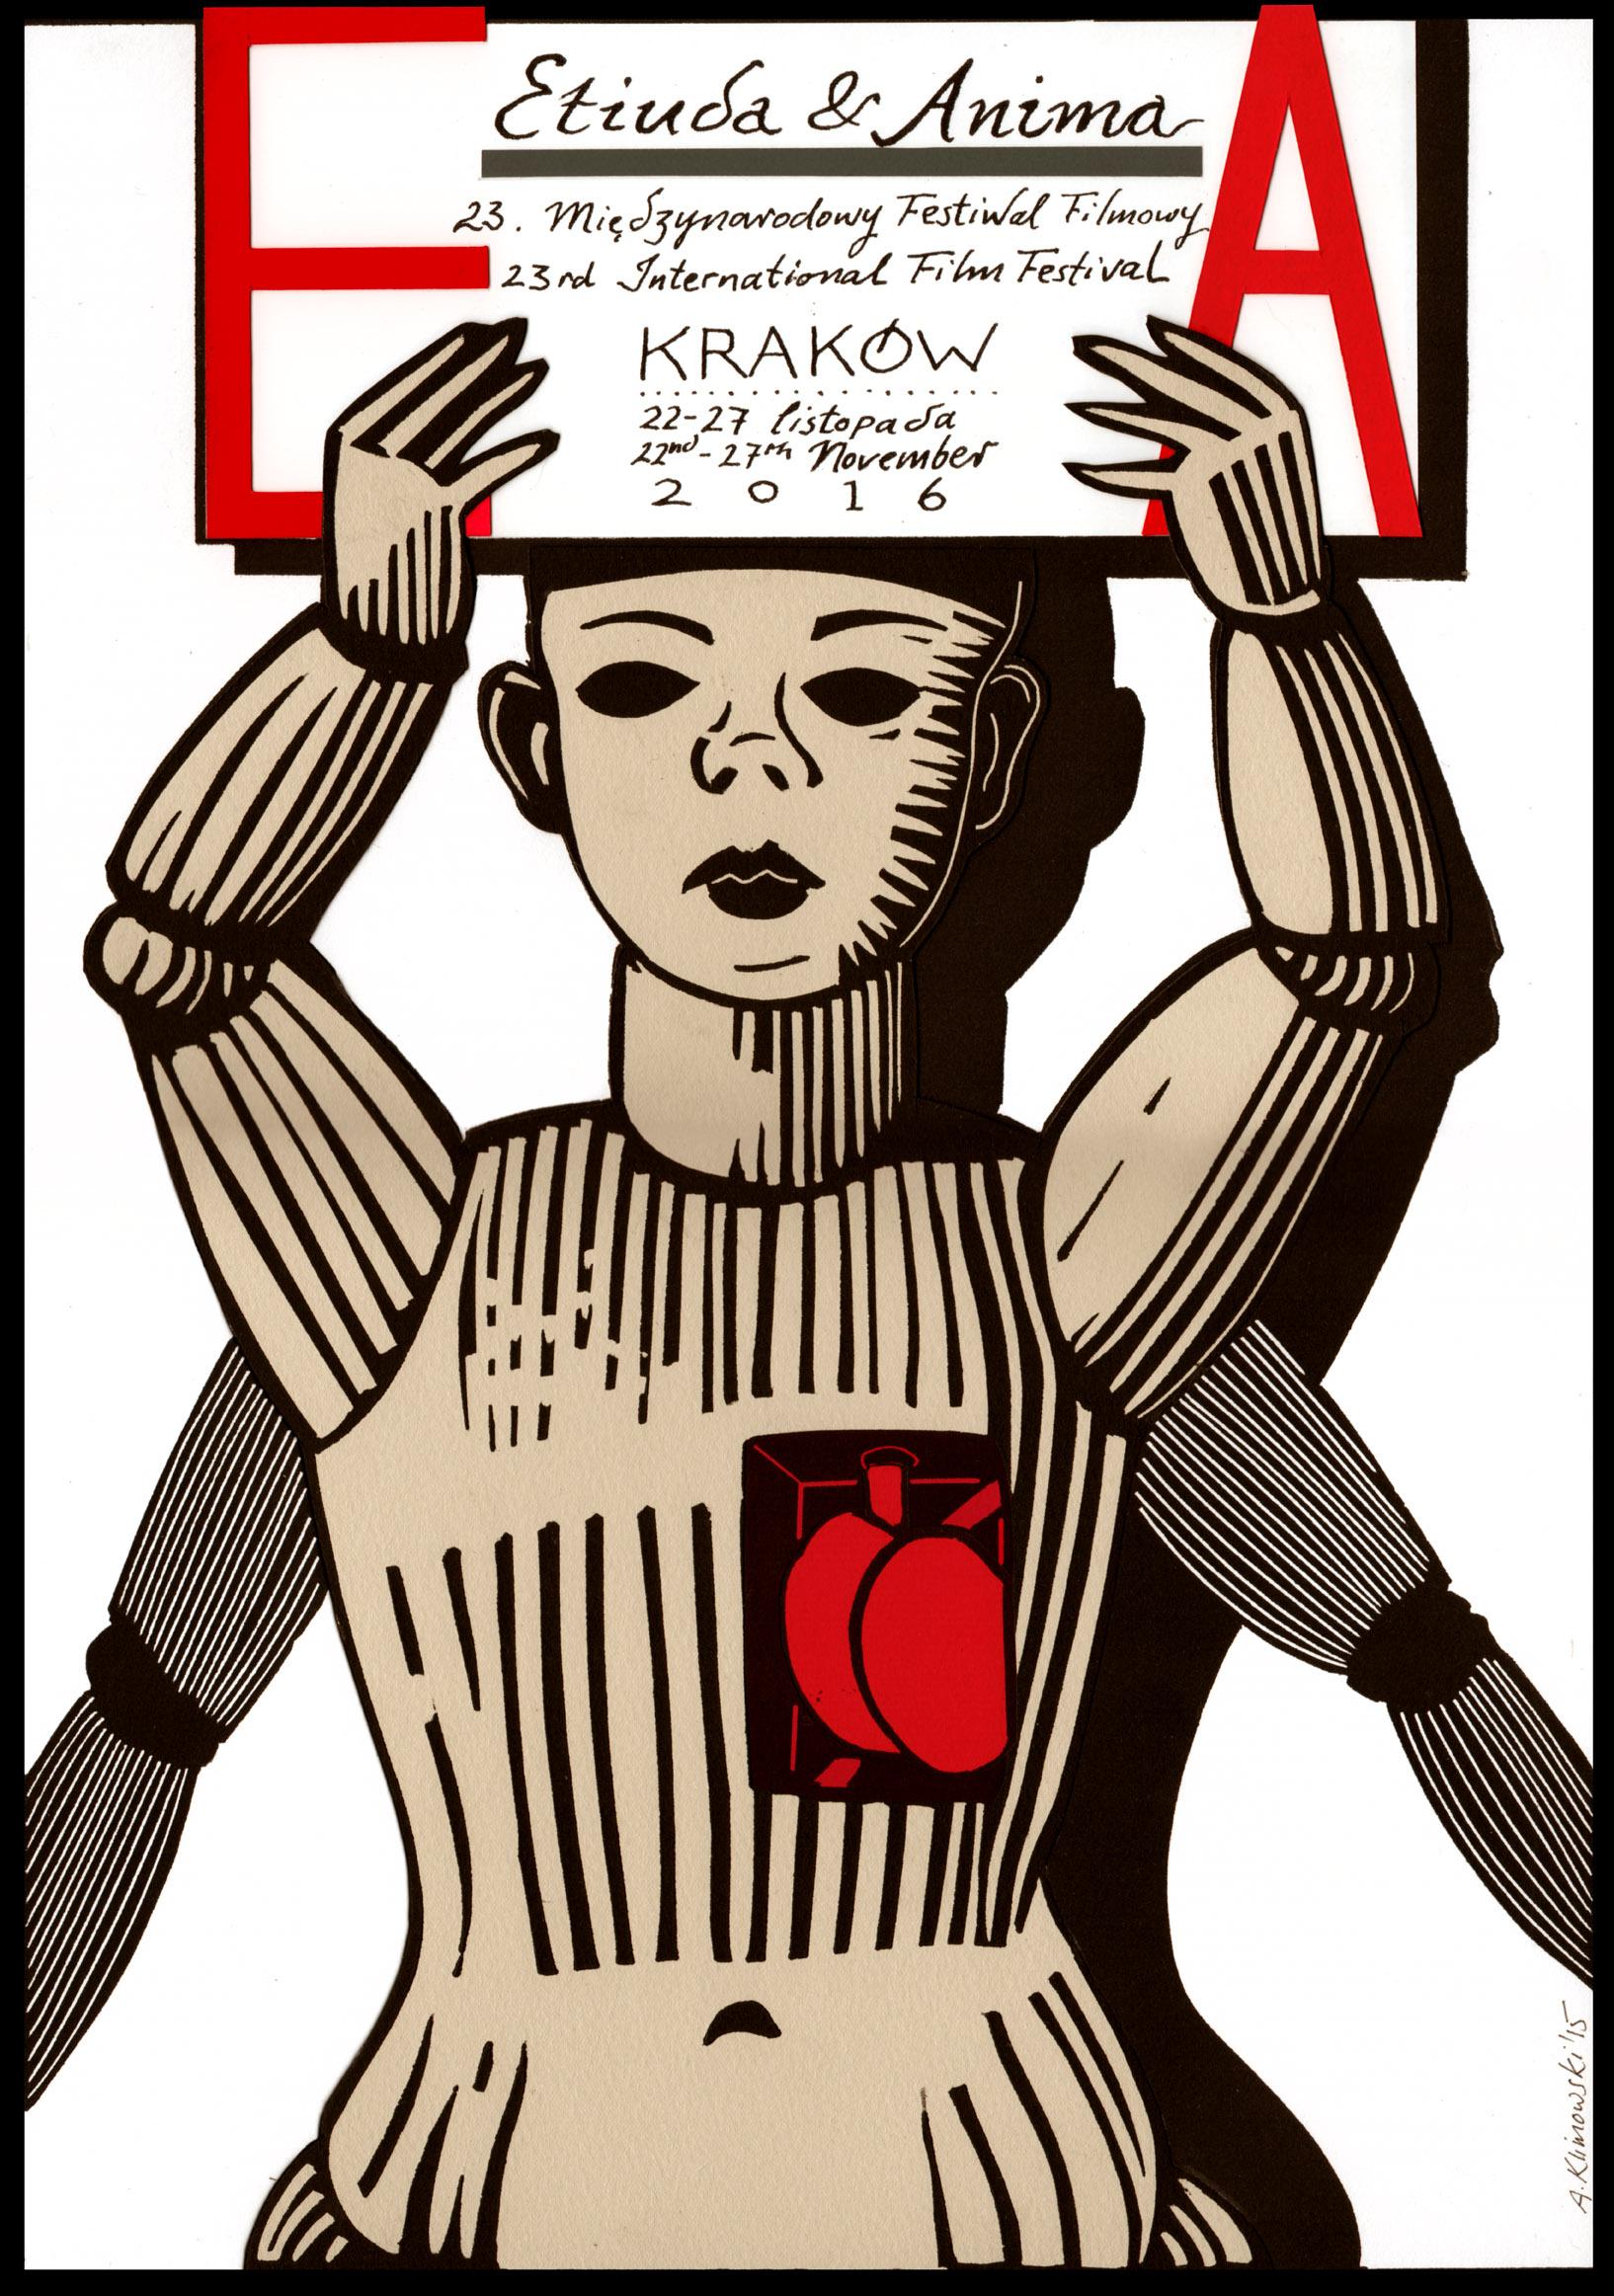 """""""23. Międzynarodowy Festiwal Filmowy Etiuda&Anima"""" (źródło: materiały prasowe organizatora)"""